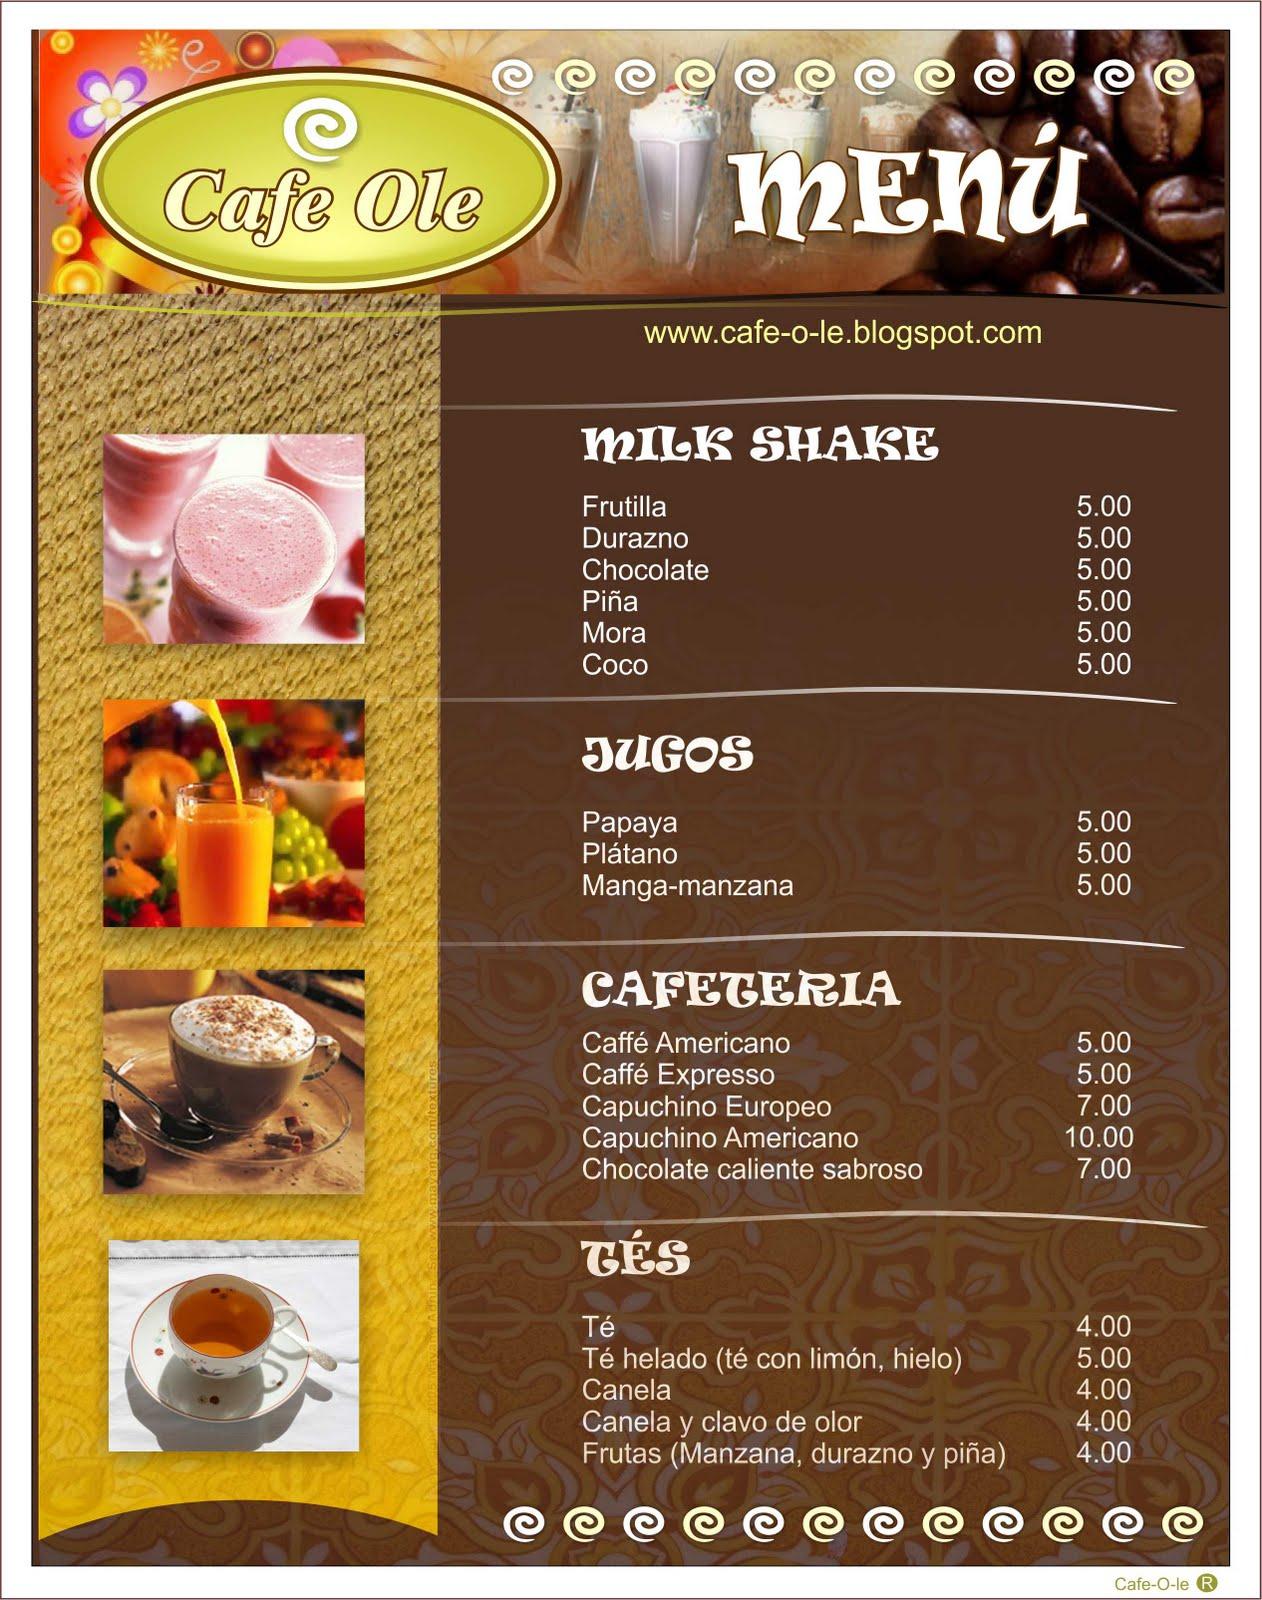 Cafe Ole Menu